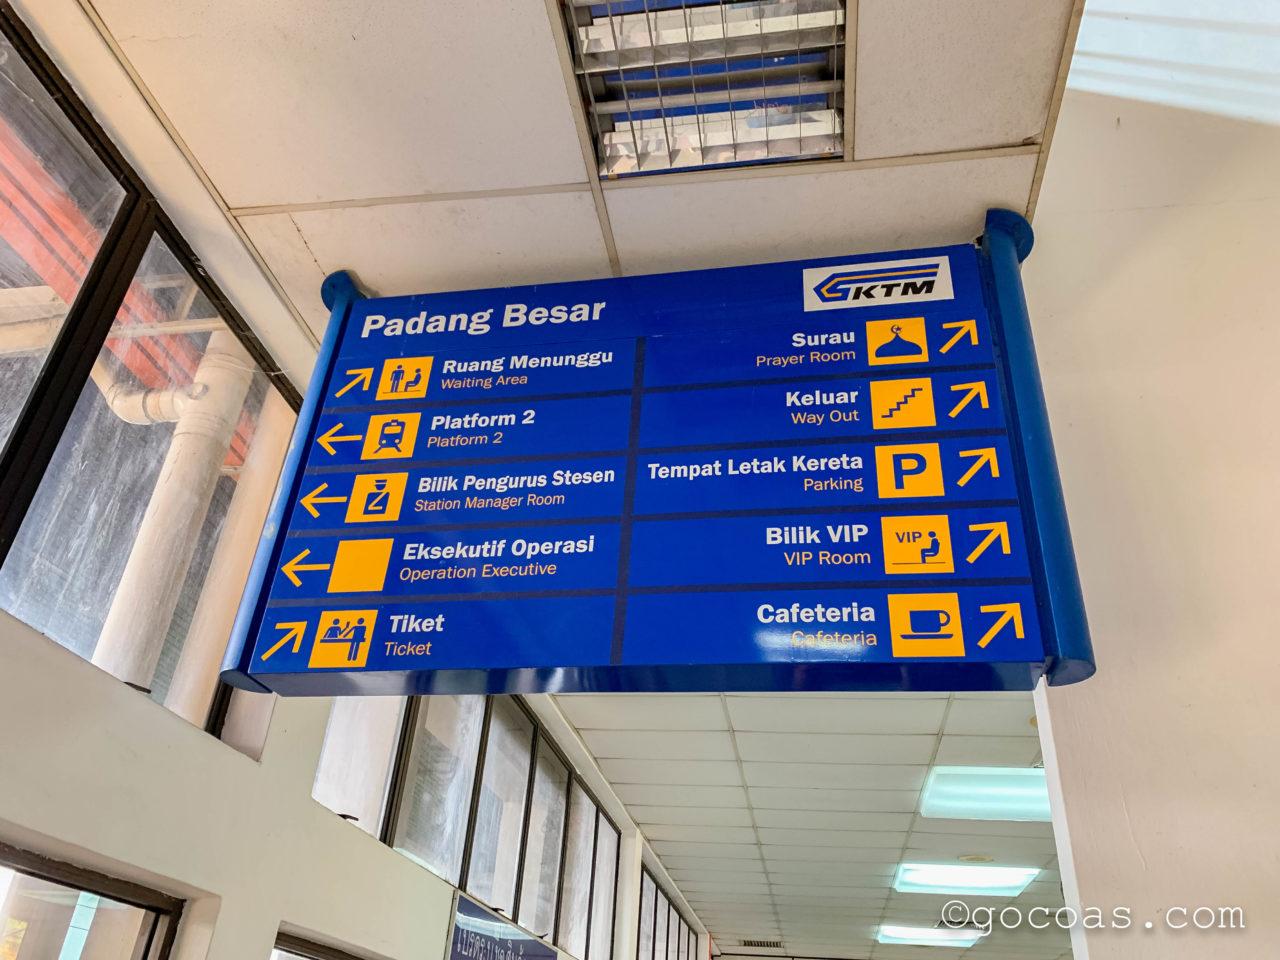 Padang Besar駅の案内表示の看板